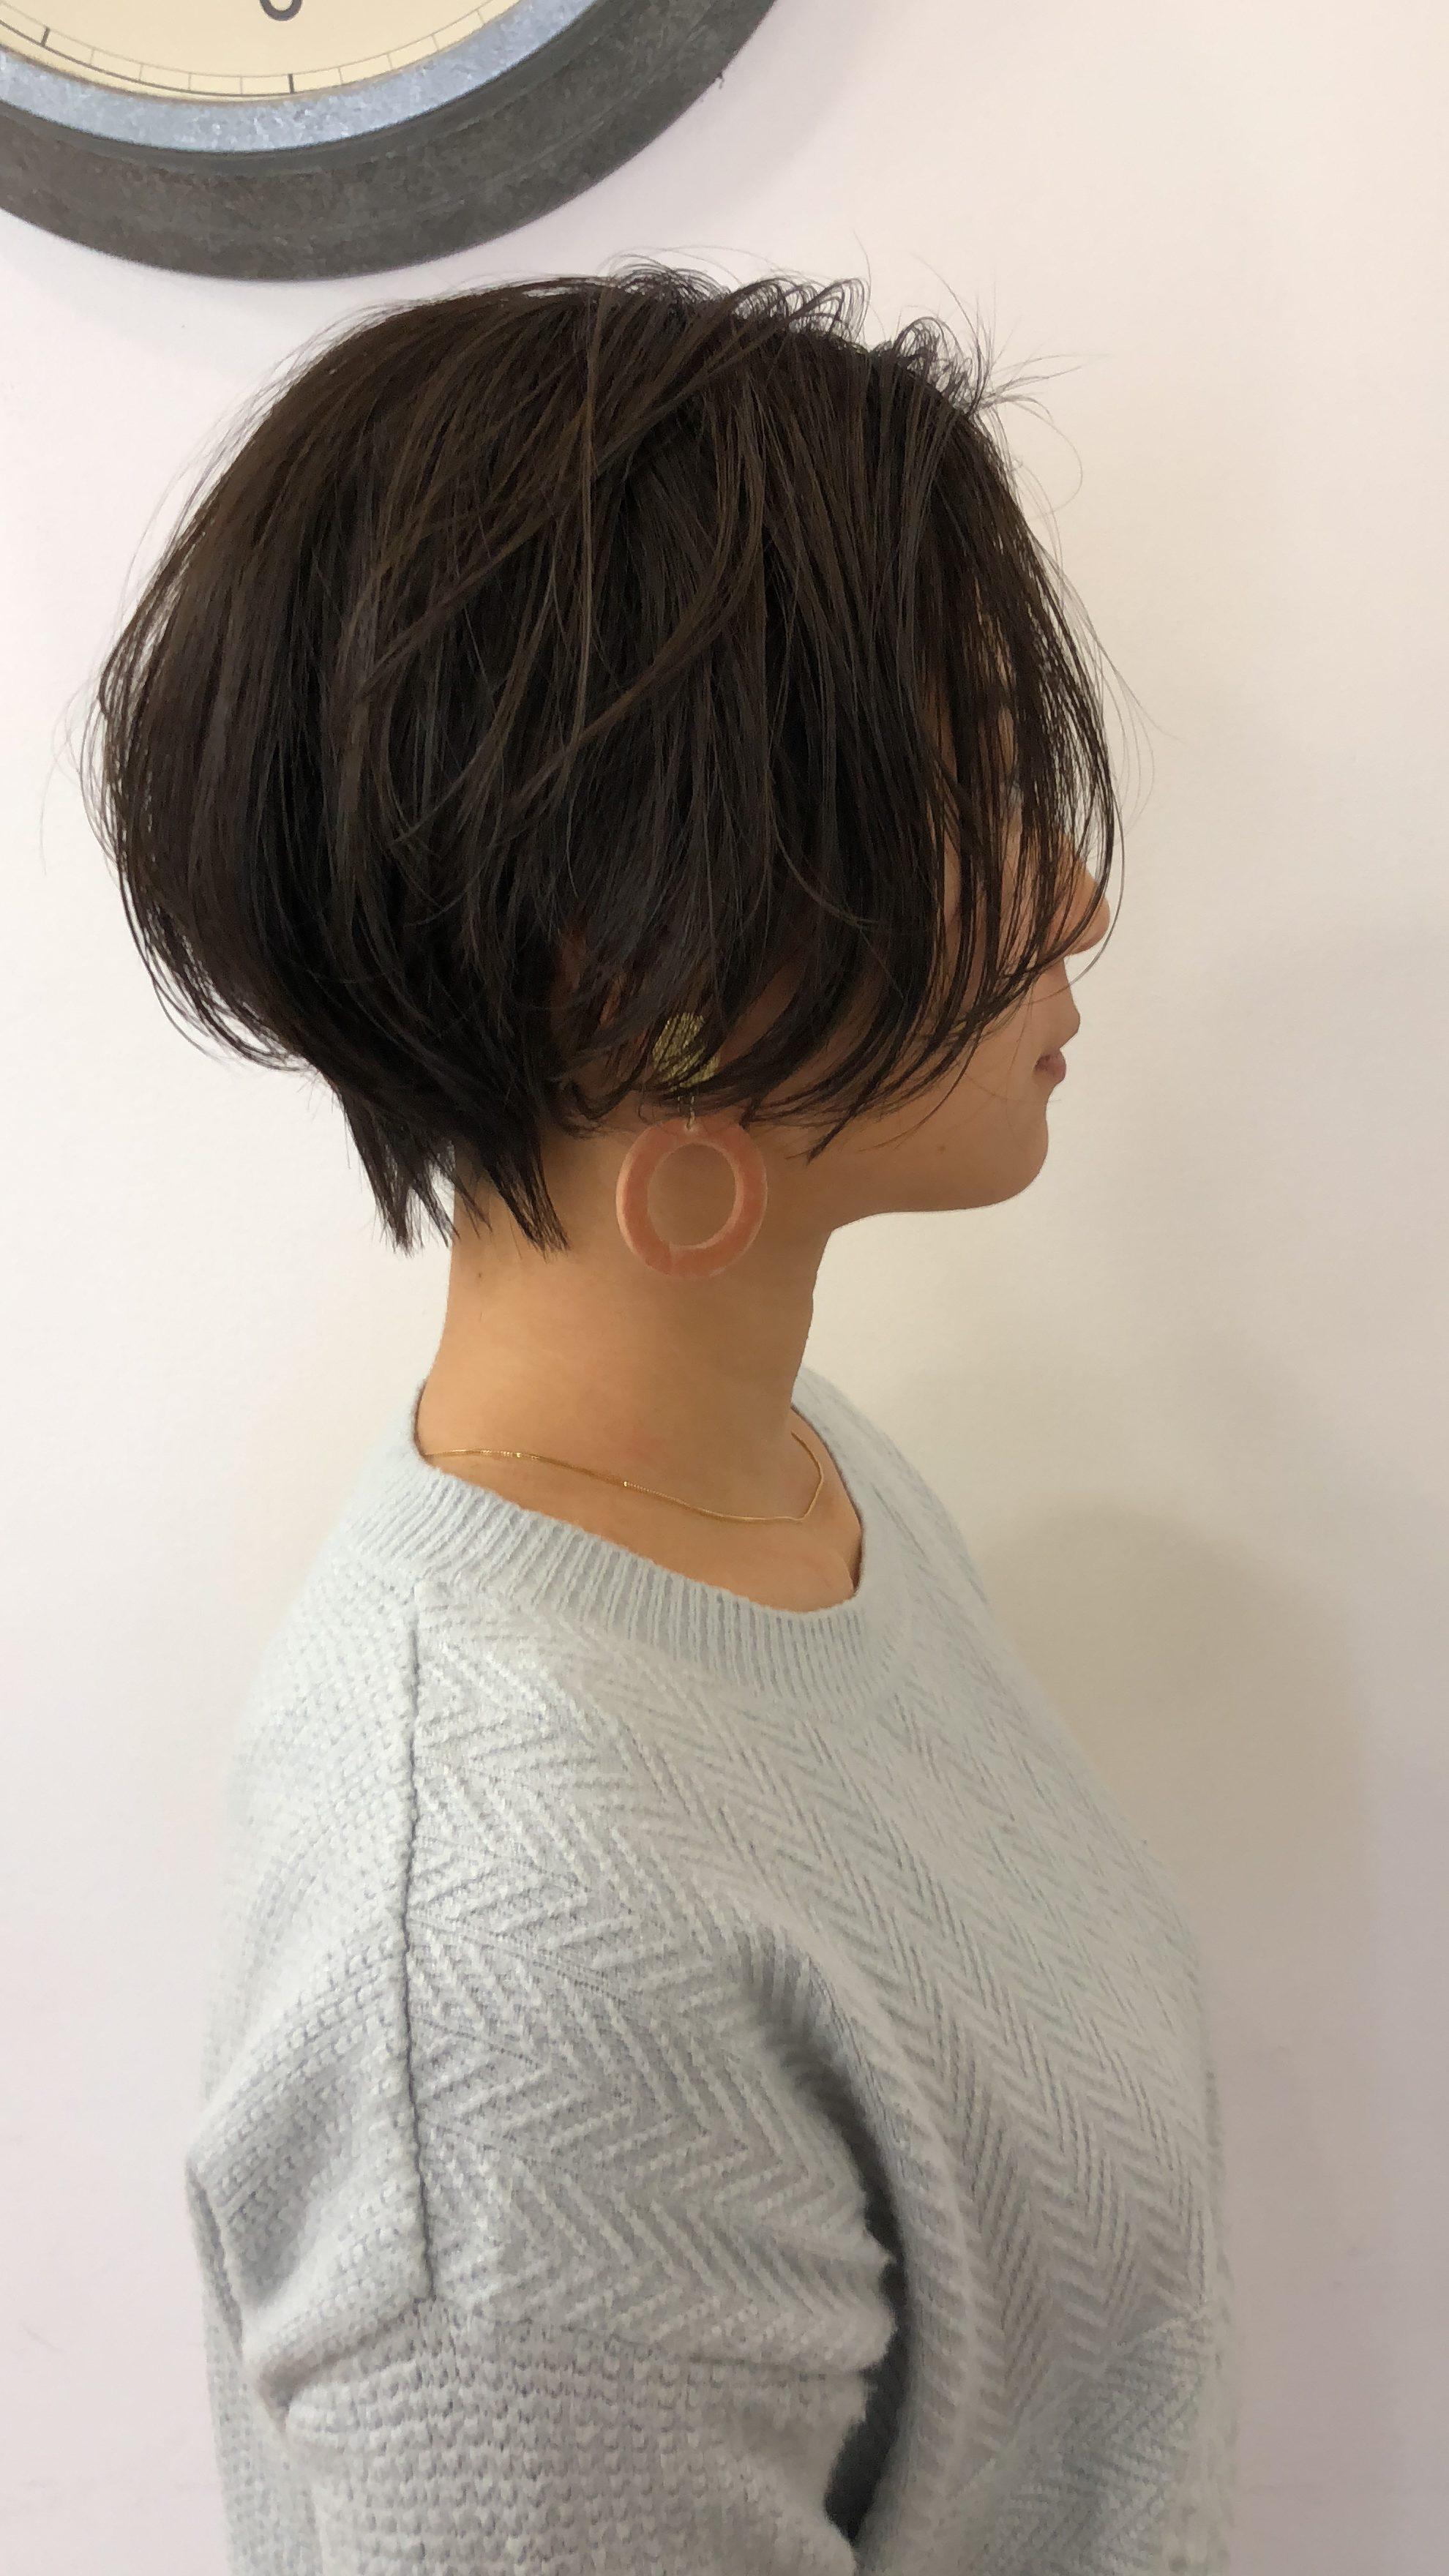 毛量多いボブ→襟足スッキリ前髪長めハンサム系ショートボブ